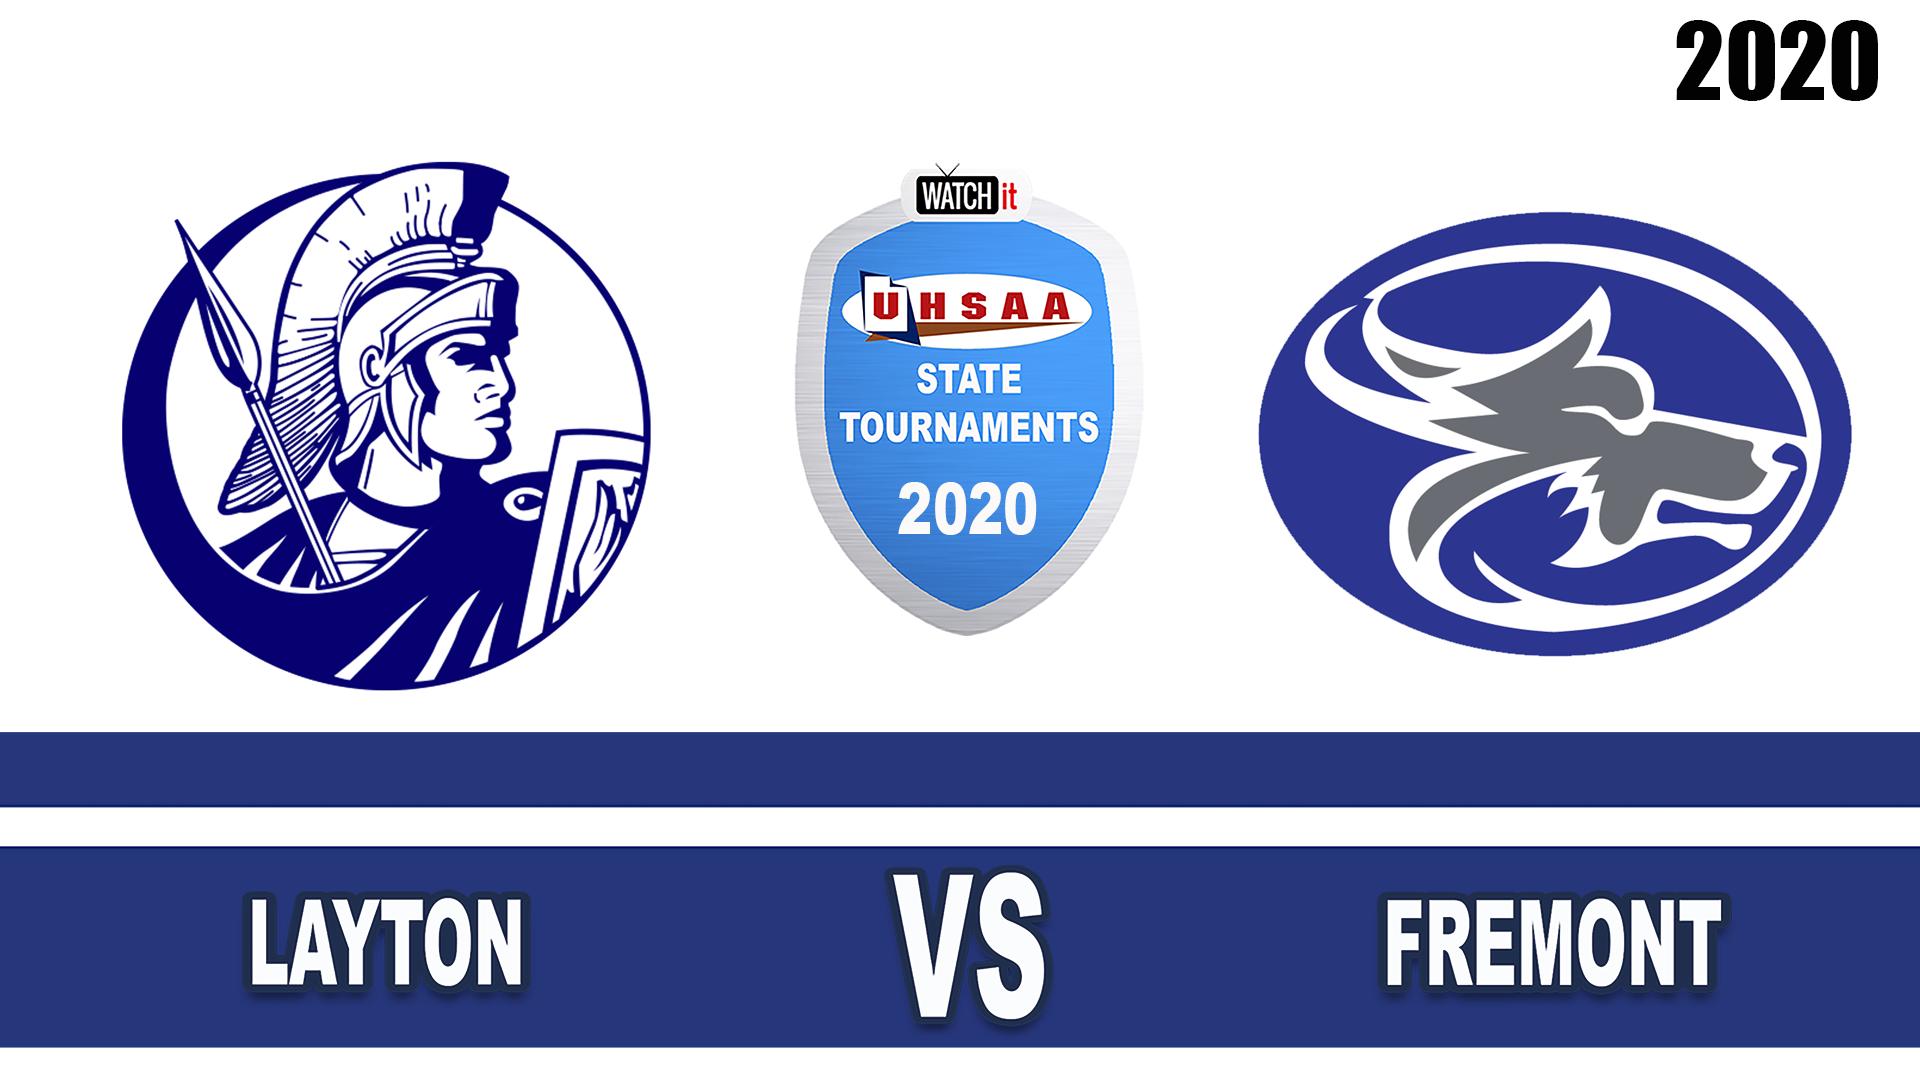 Layton vs Fremont